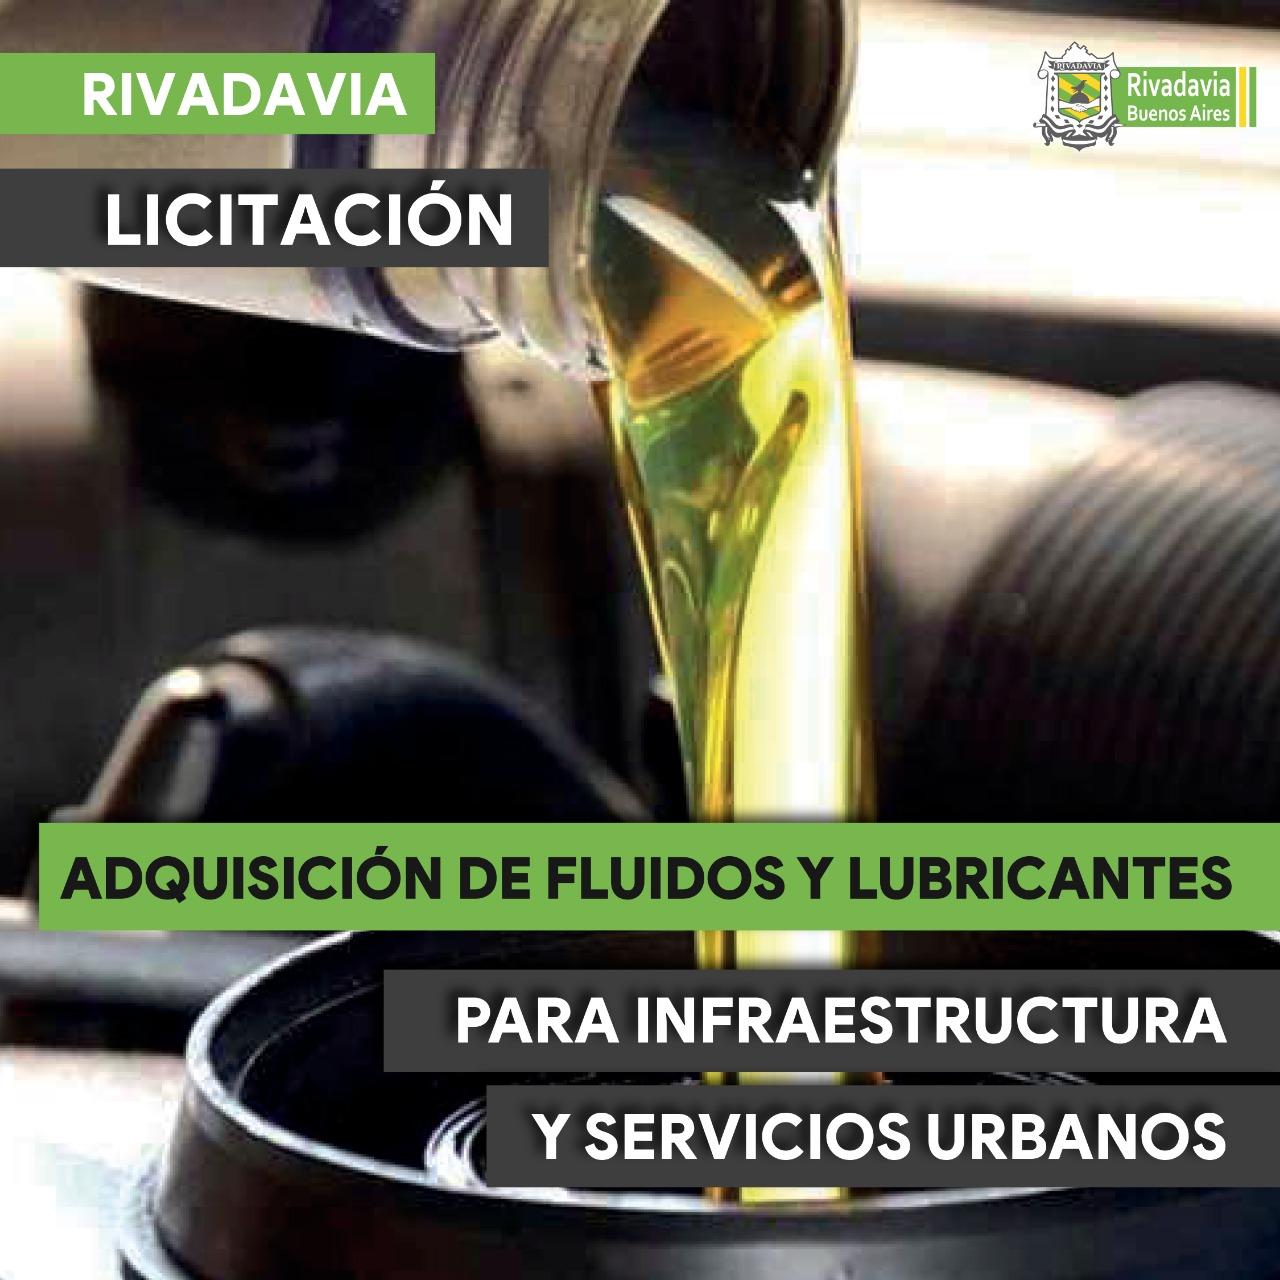 ADQUISICIÓN DE FLUIDOS Y LUBRICANTES PARA INFRAESTRUCTURA Y SERVICIOS URBANOS